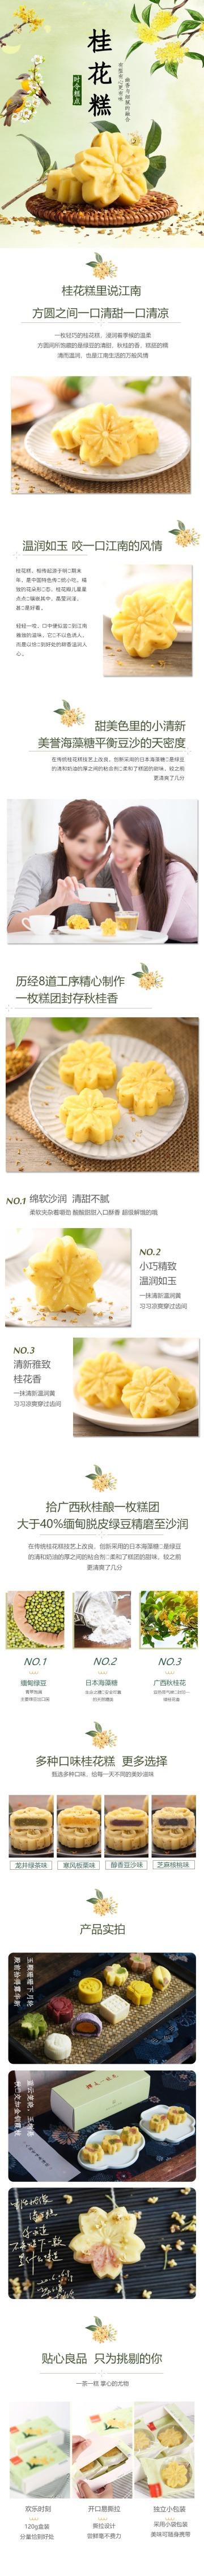 黄色清新简约面包点心桂花糕电商宣传营销宝贝详情